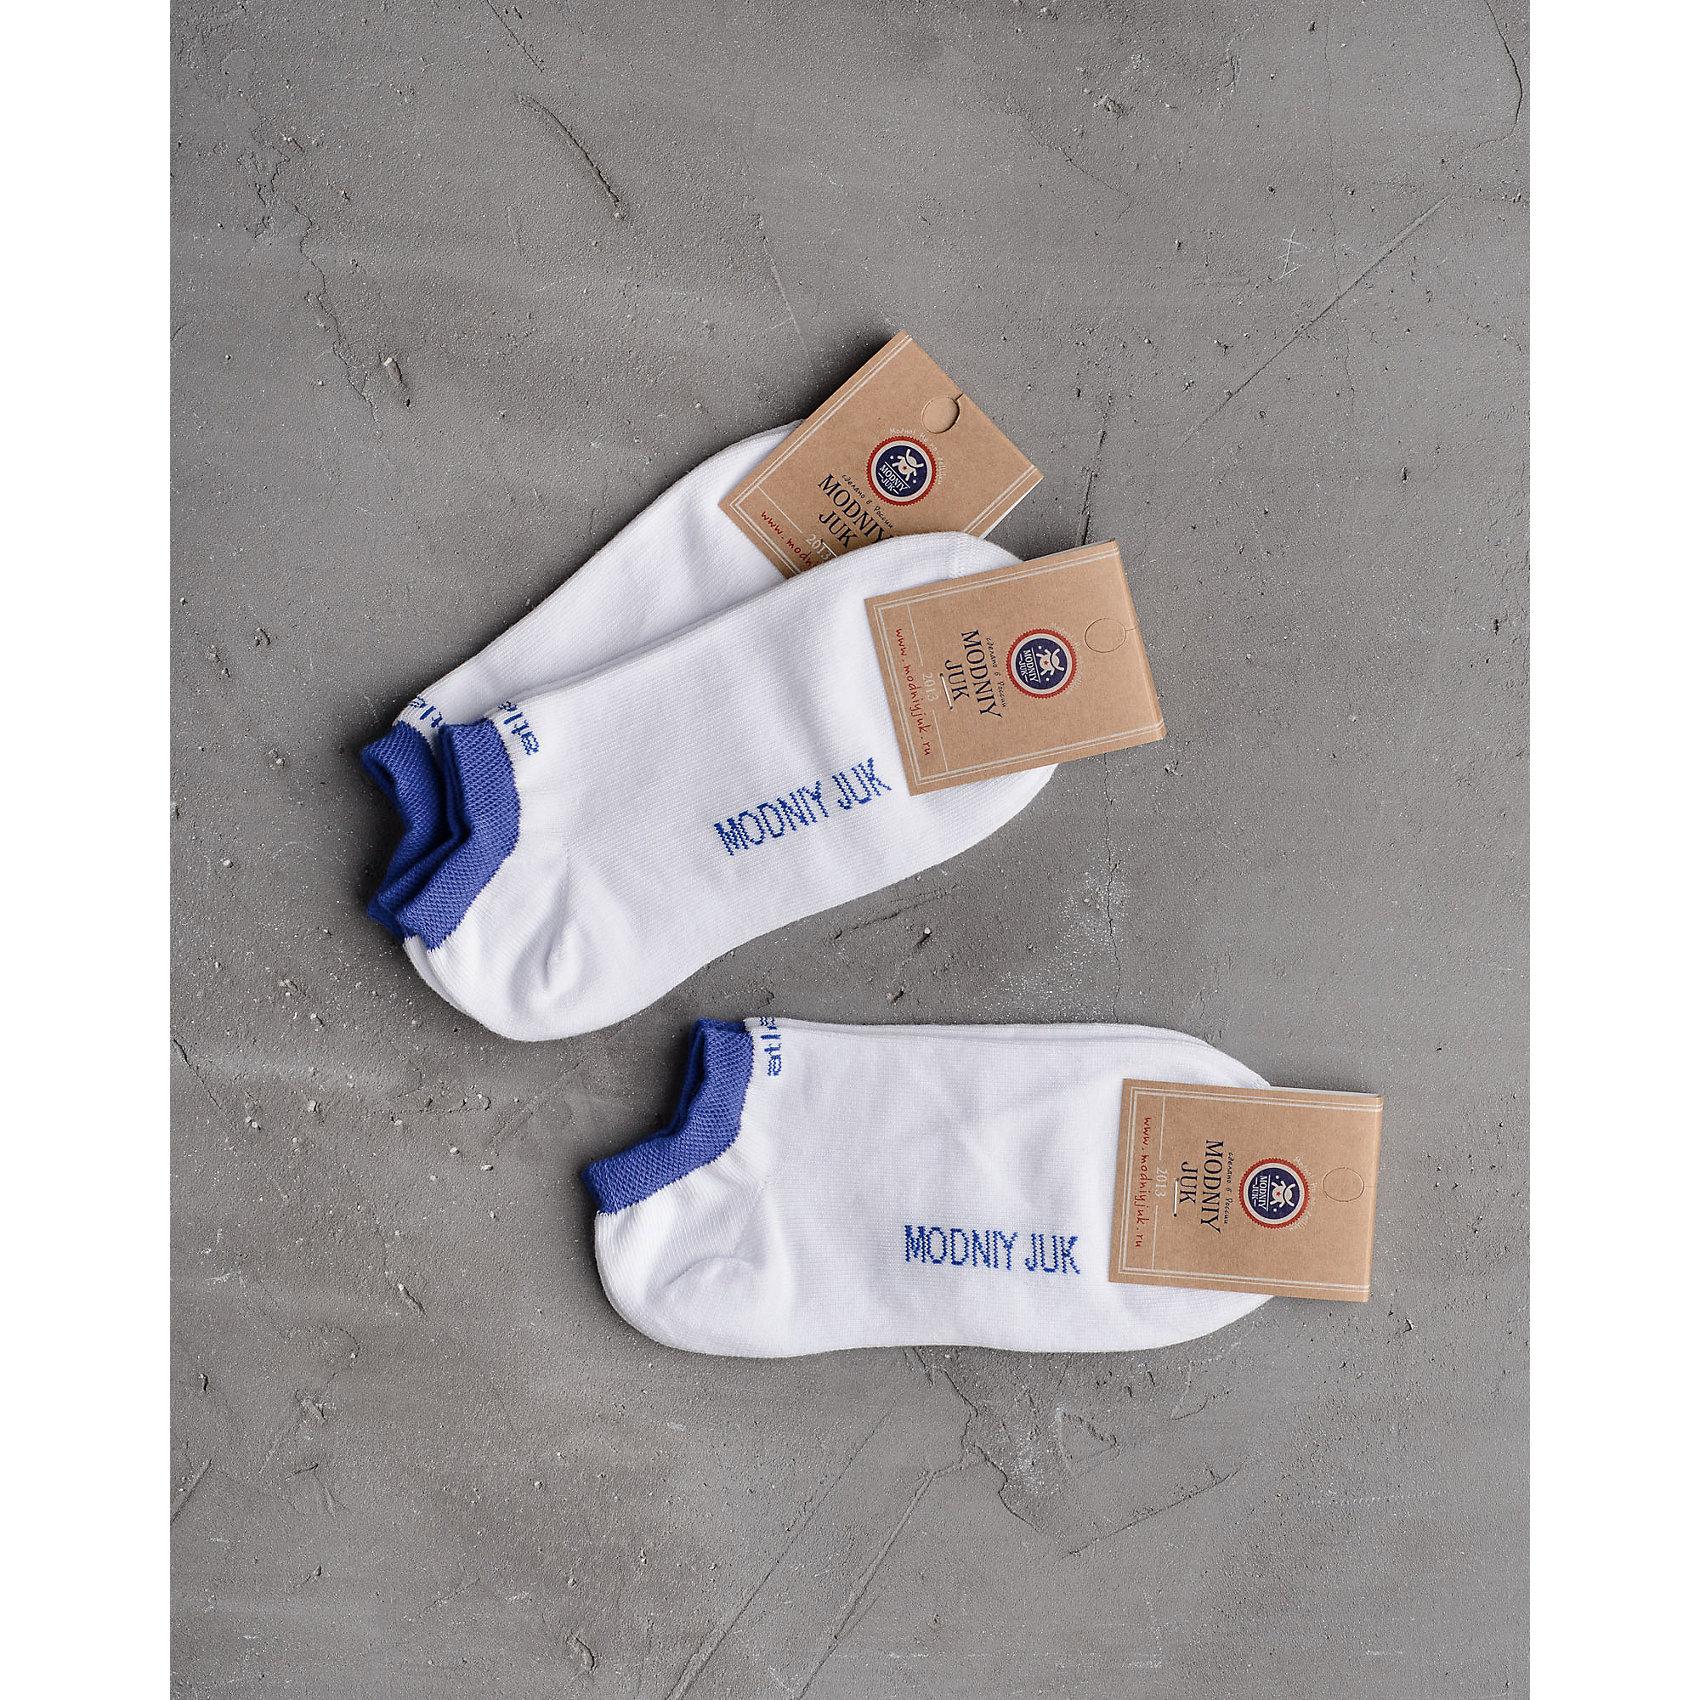 Носки ( 3 пары) для мальчика Modniy JukНосочки и колготки<br>Прекрасный комплект из 3х носок, Приятны на ощупь. Отлично  облегают ногу. Усиленный мысок и пятка..<br>Состав:<br>88% хлопок, 10% полиамид, 2% эластан<br><br>Ширина мм: 87<br>Глубина мм: 10<br>Высота мм: 105<br>Вес г: 115<br>Цвет: белый<br>Возраст от месяцев: 120<br>Возраст до месяцев: 144<br>Пол: Мужской<br>Возраст: Детский<br>Размер: 26,23<br>SKU: 5613931